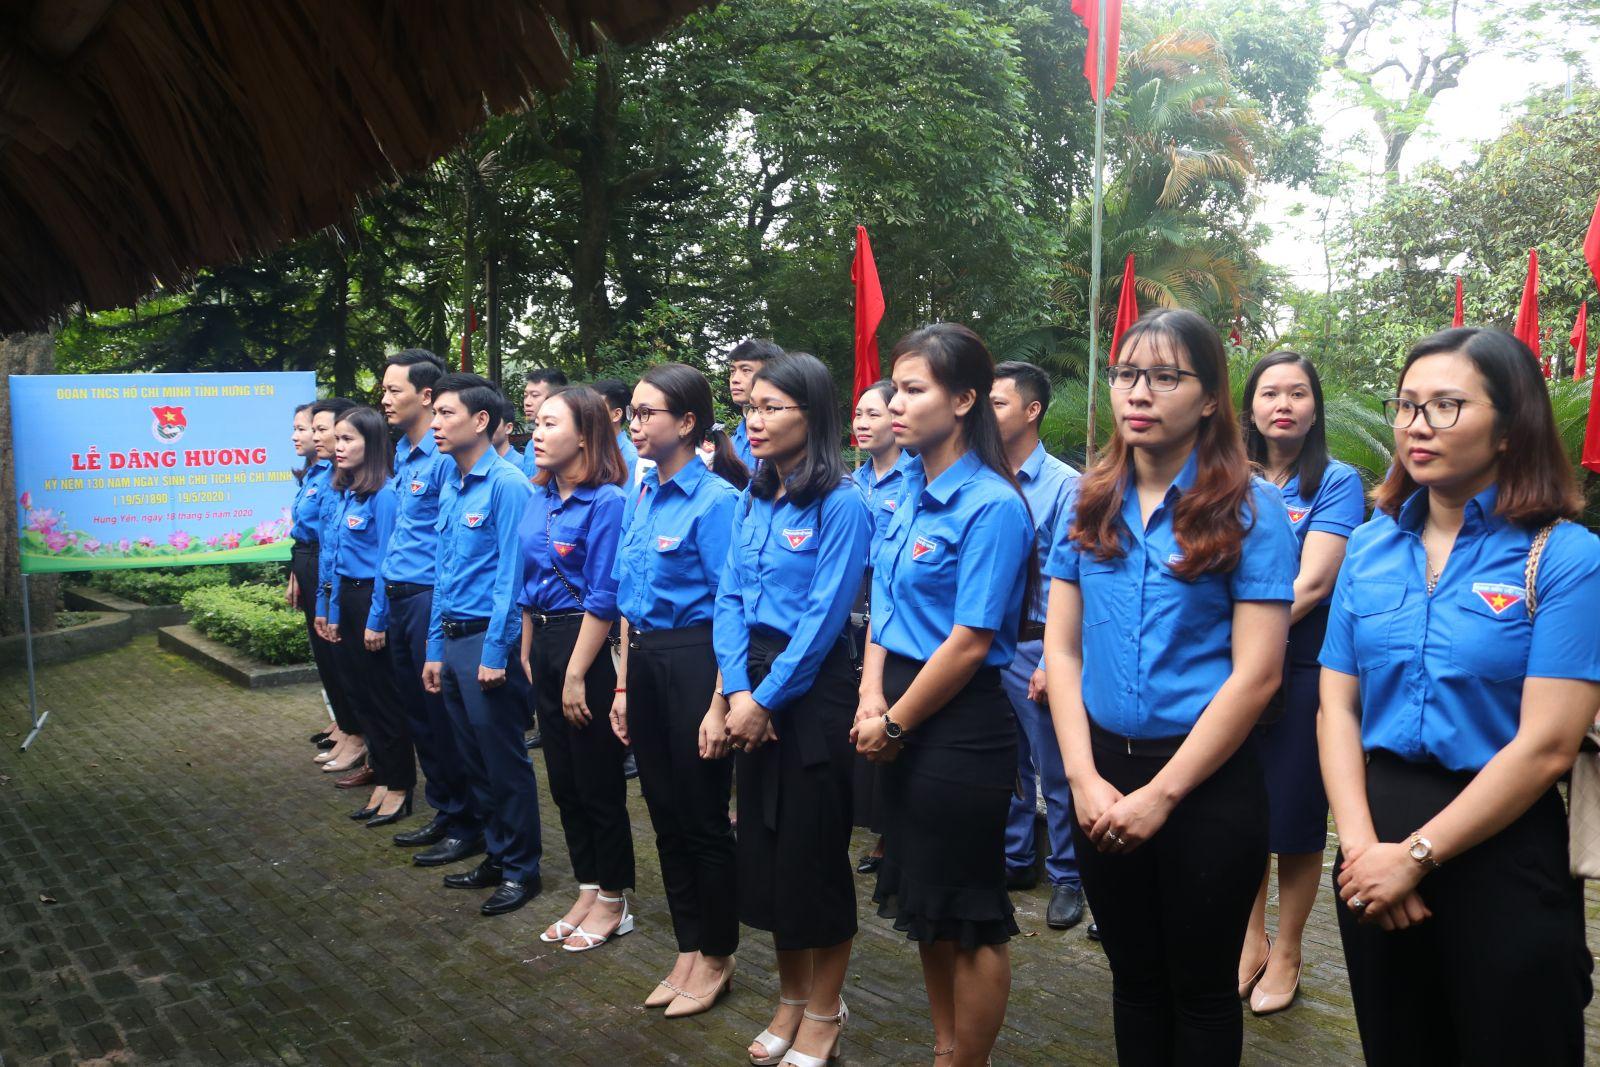 Tỉnh đoàn Hưng Yên tổ chức dâng hương kỷ niệm 130 năm ngày sinh Chủ tịch Hồ Chí Minh